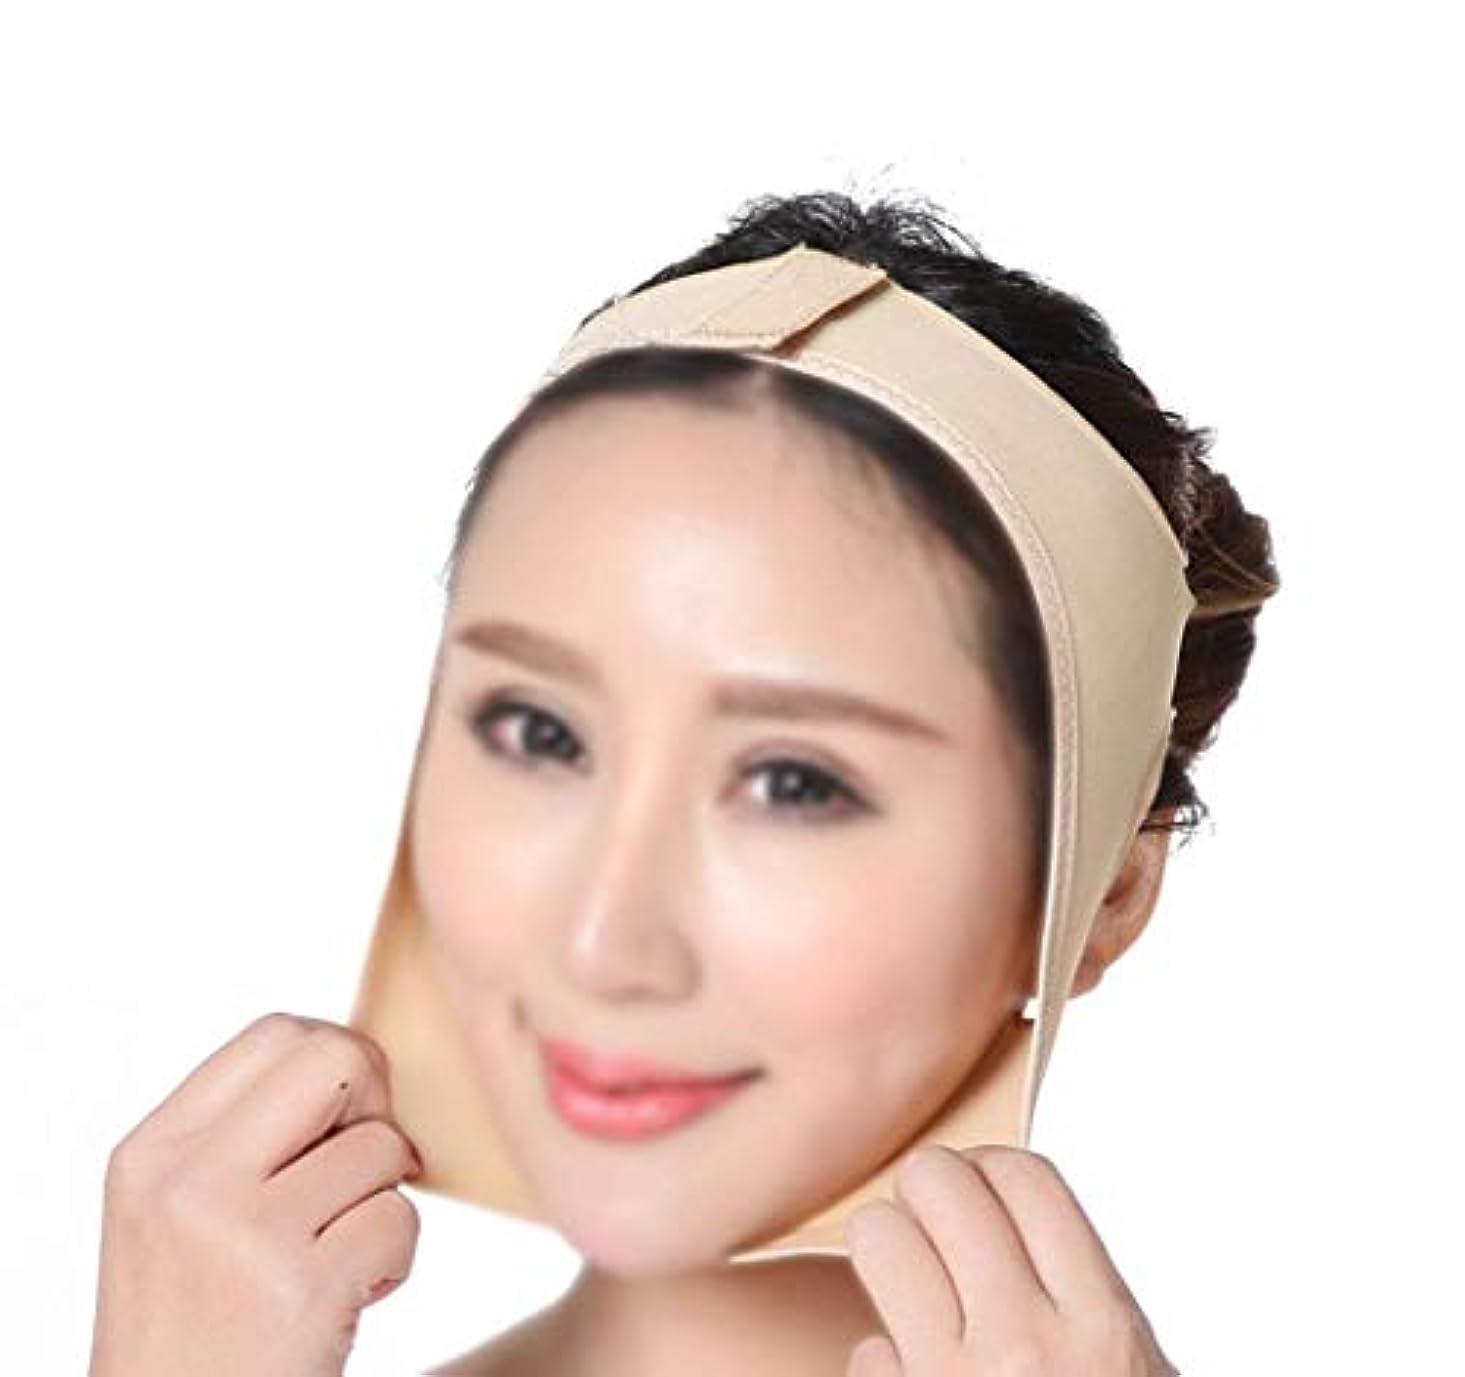 マントルわかる魅力的ファーミングフェイスマスク、通気性フェイスバンデージVフェイスデバイススリープ薄型フェイスマスクフェイスマッサージインストゥルメントフェイスリフティングフェイスリフティングツール(サイズ:Xl)